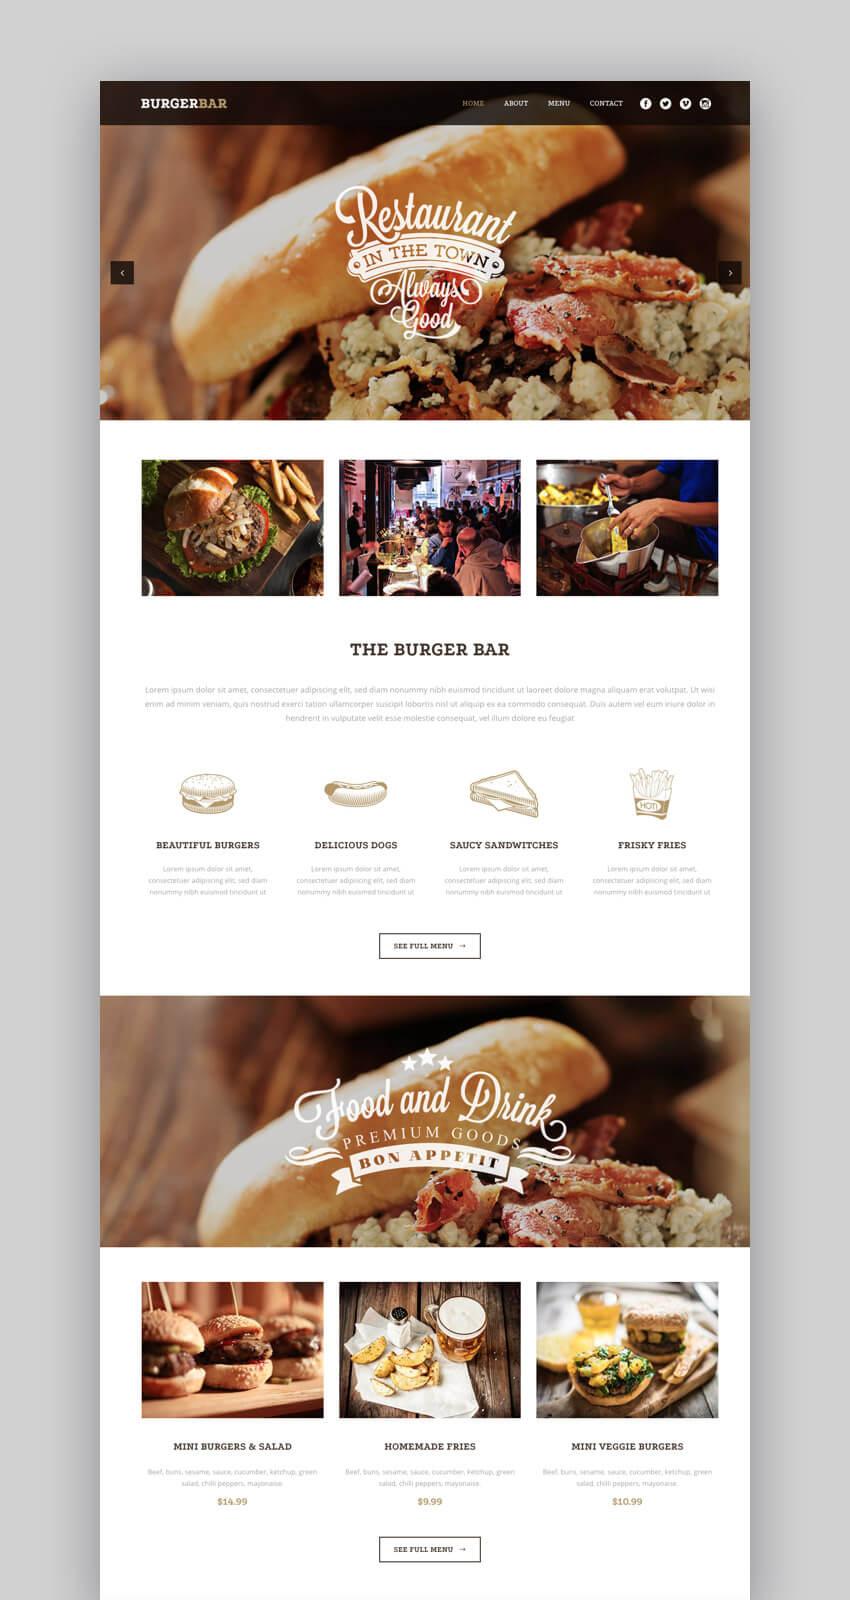 Bodega - Elegant WordPress Theme for Small Business Websites